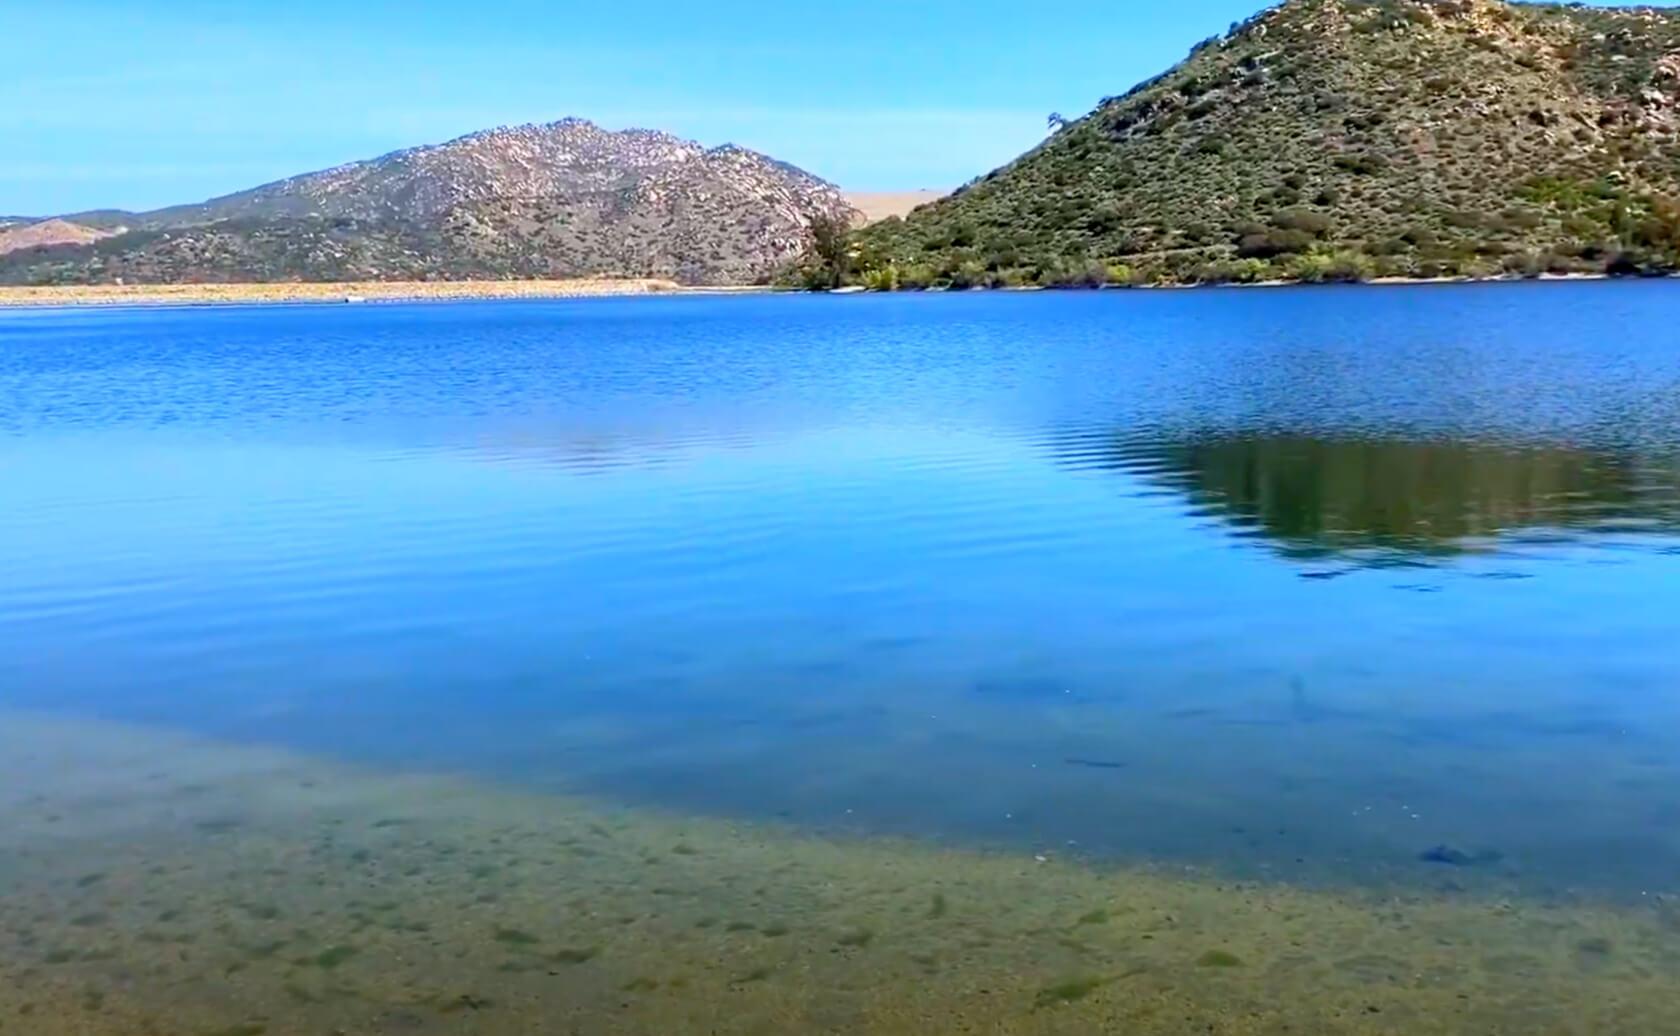 Poway-Lake-Fishing-Guide-Report-California-02